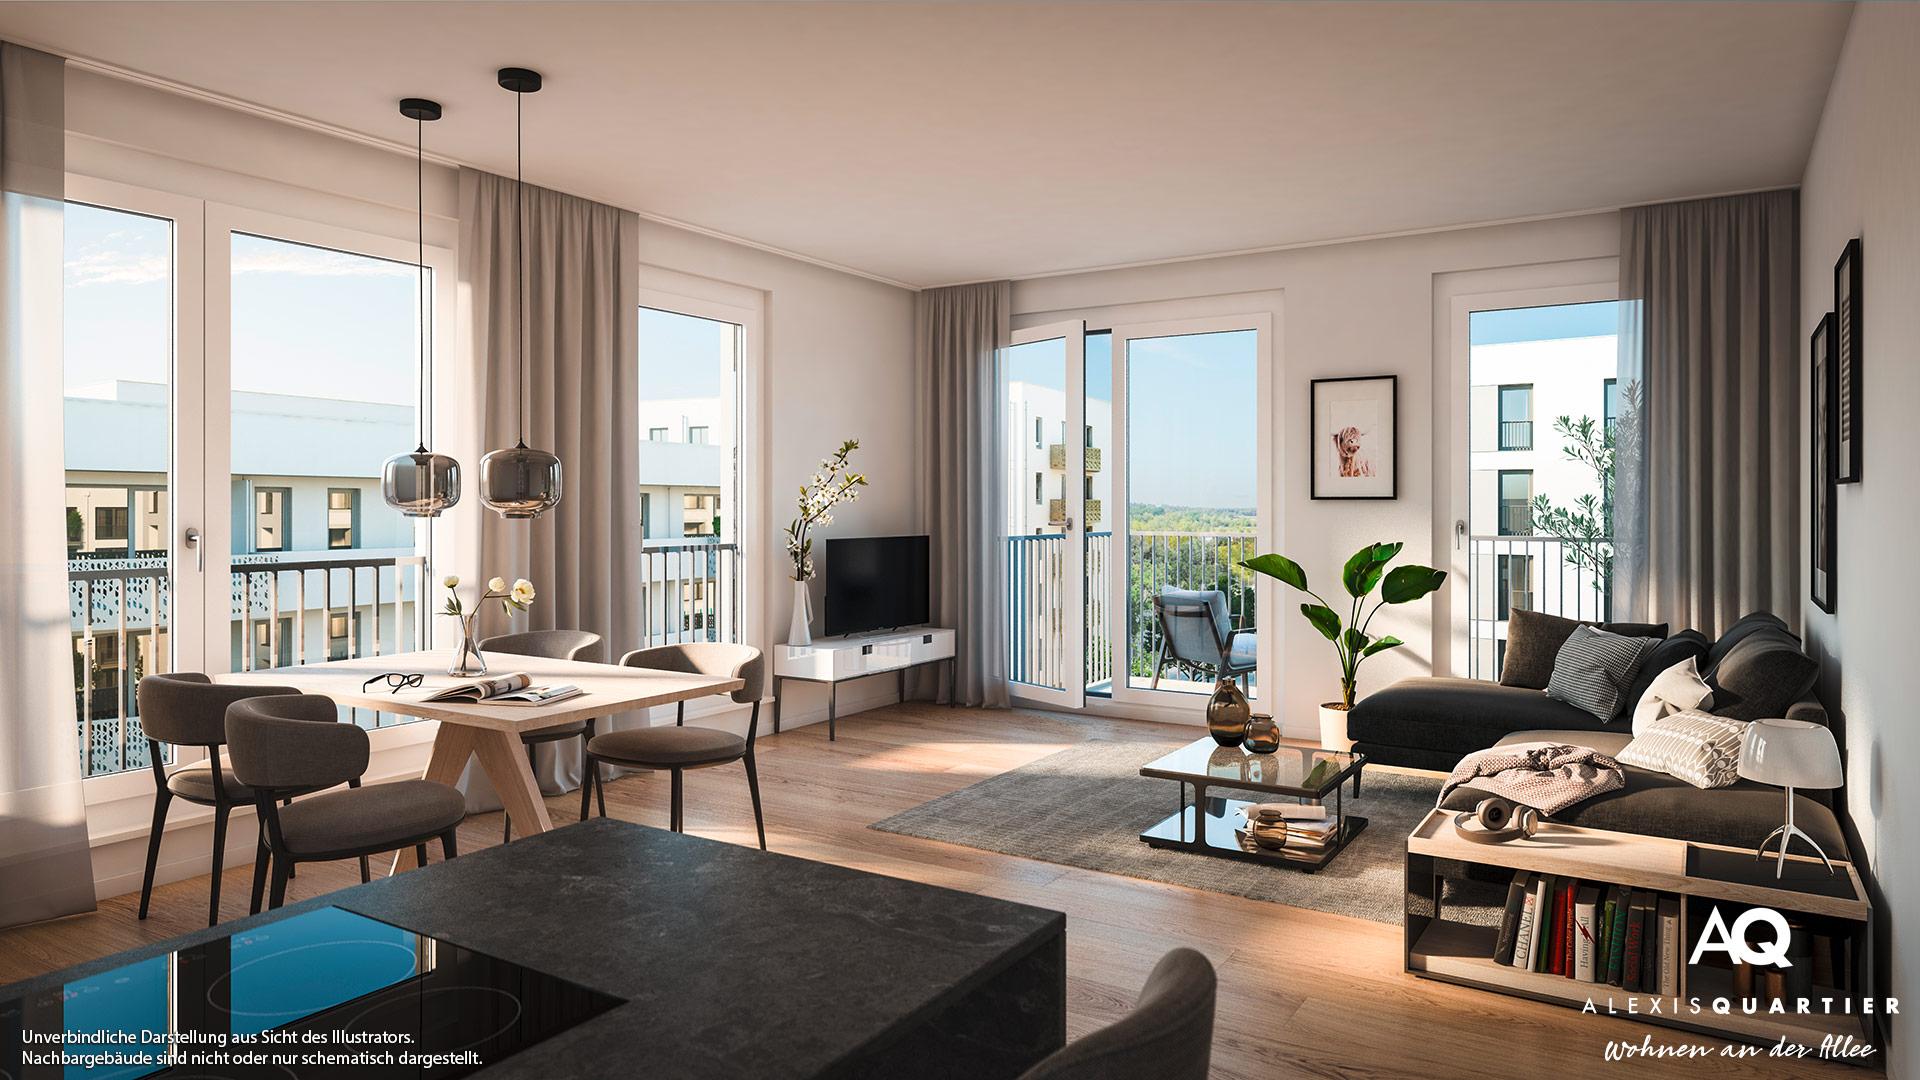 Immobilie Alexisquartier - Wohnen an der Allee - Illustration 10